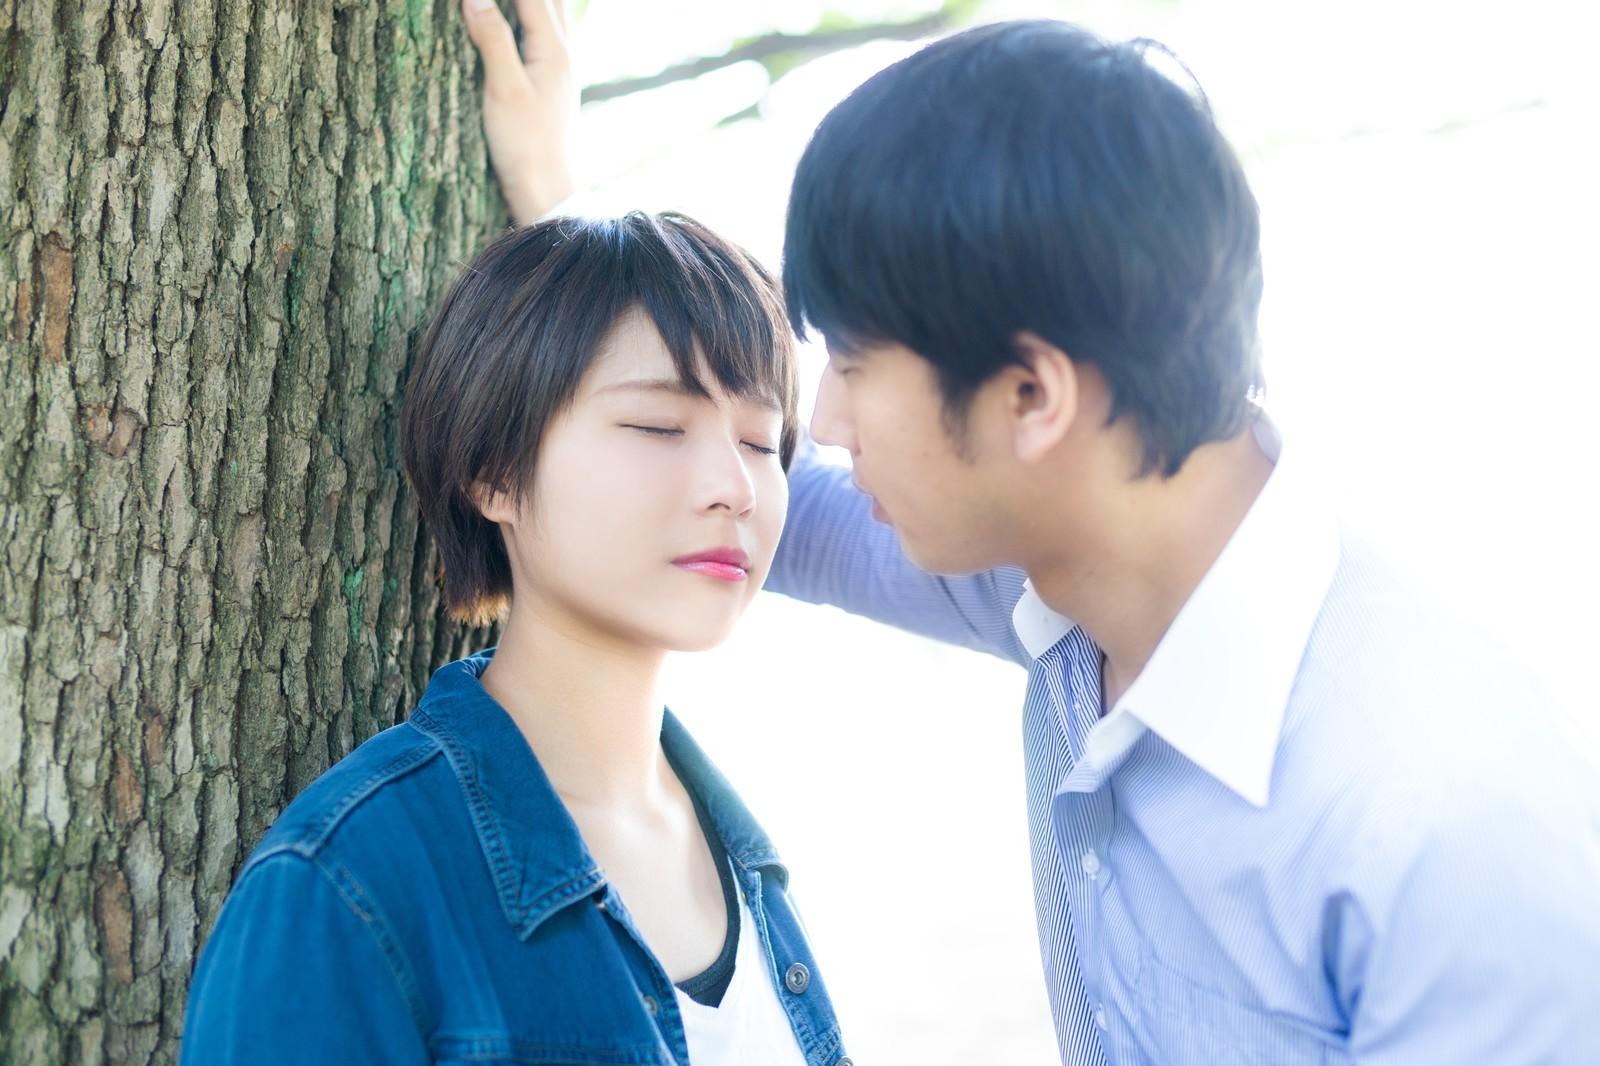 男性はキスは好きでない子とでもできるの?男性の態度で分析